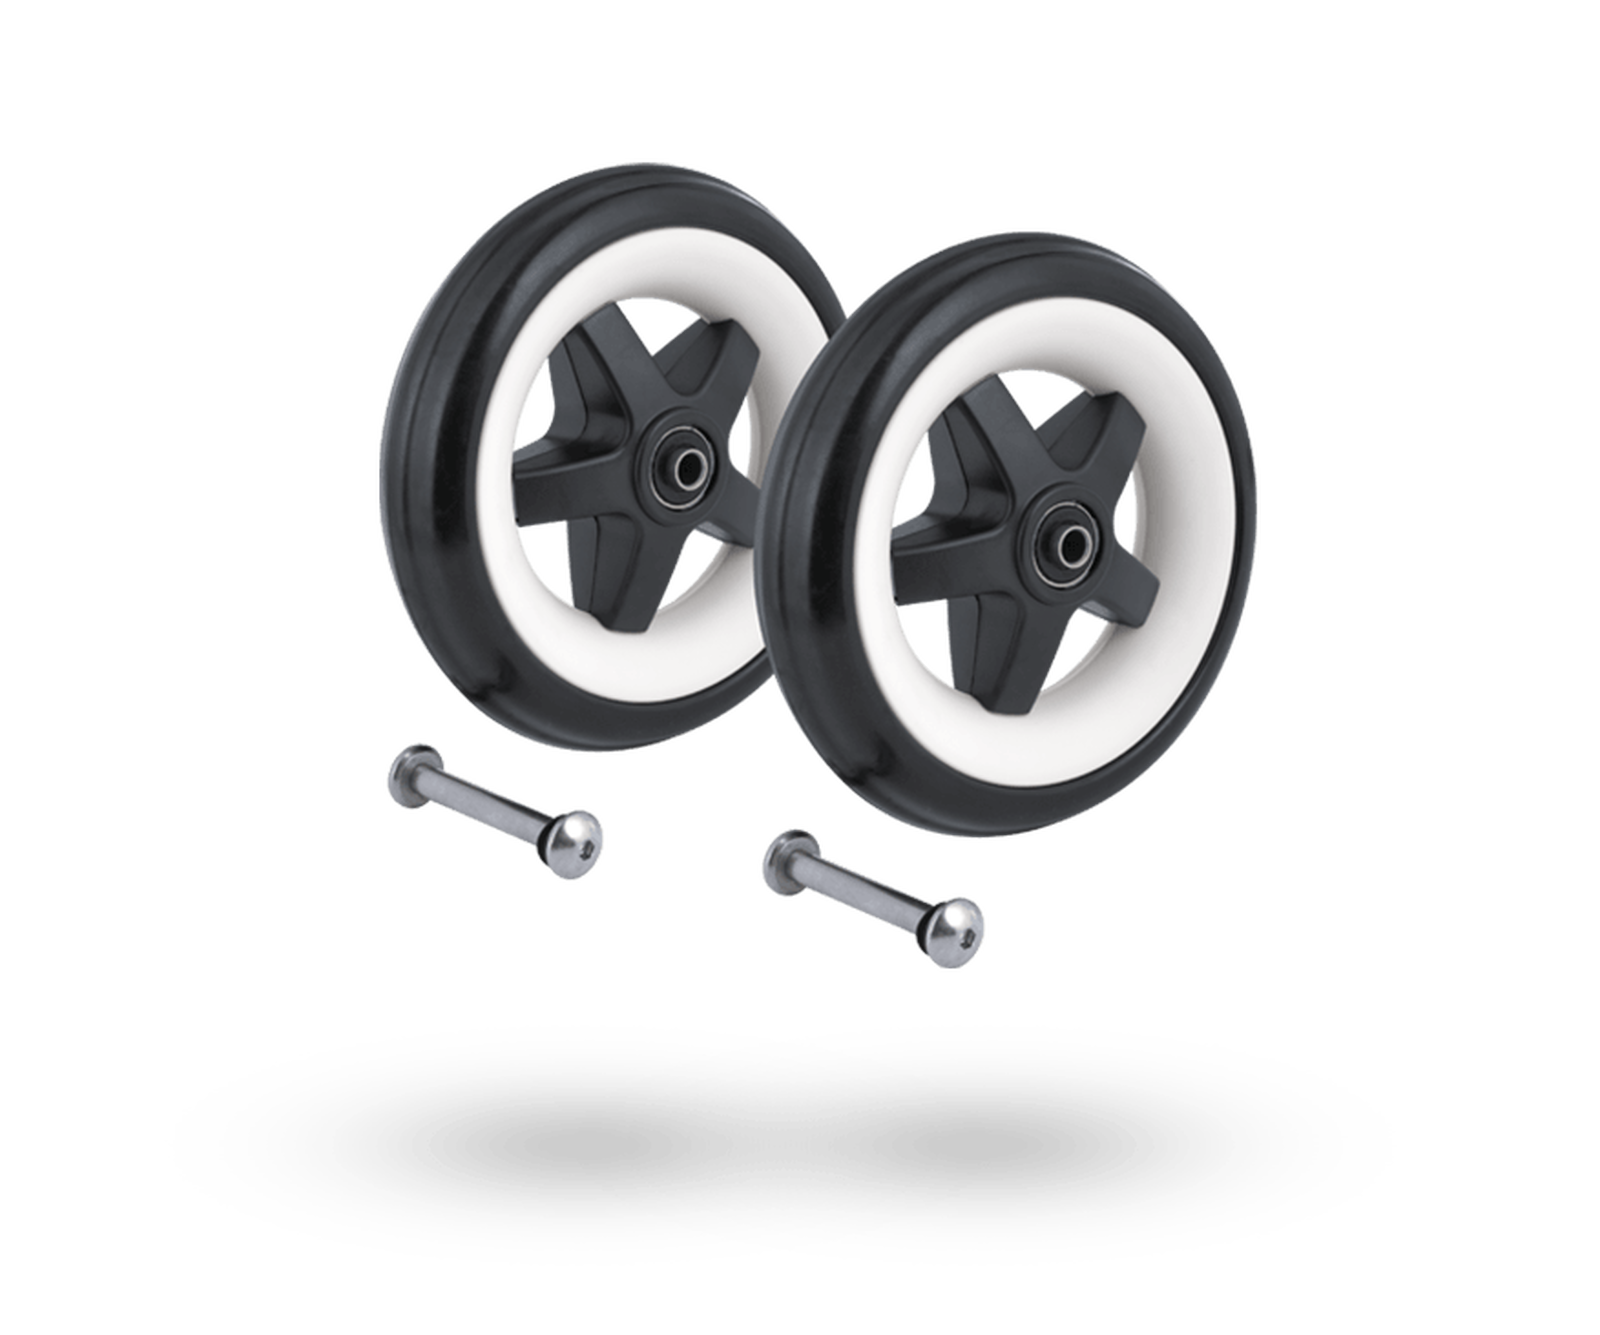 Bugaboo Bee set di ricambio ruote posteriori (modello 2010)